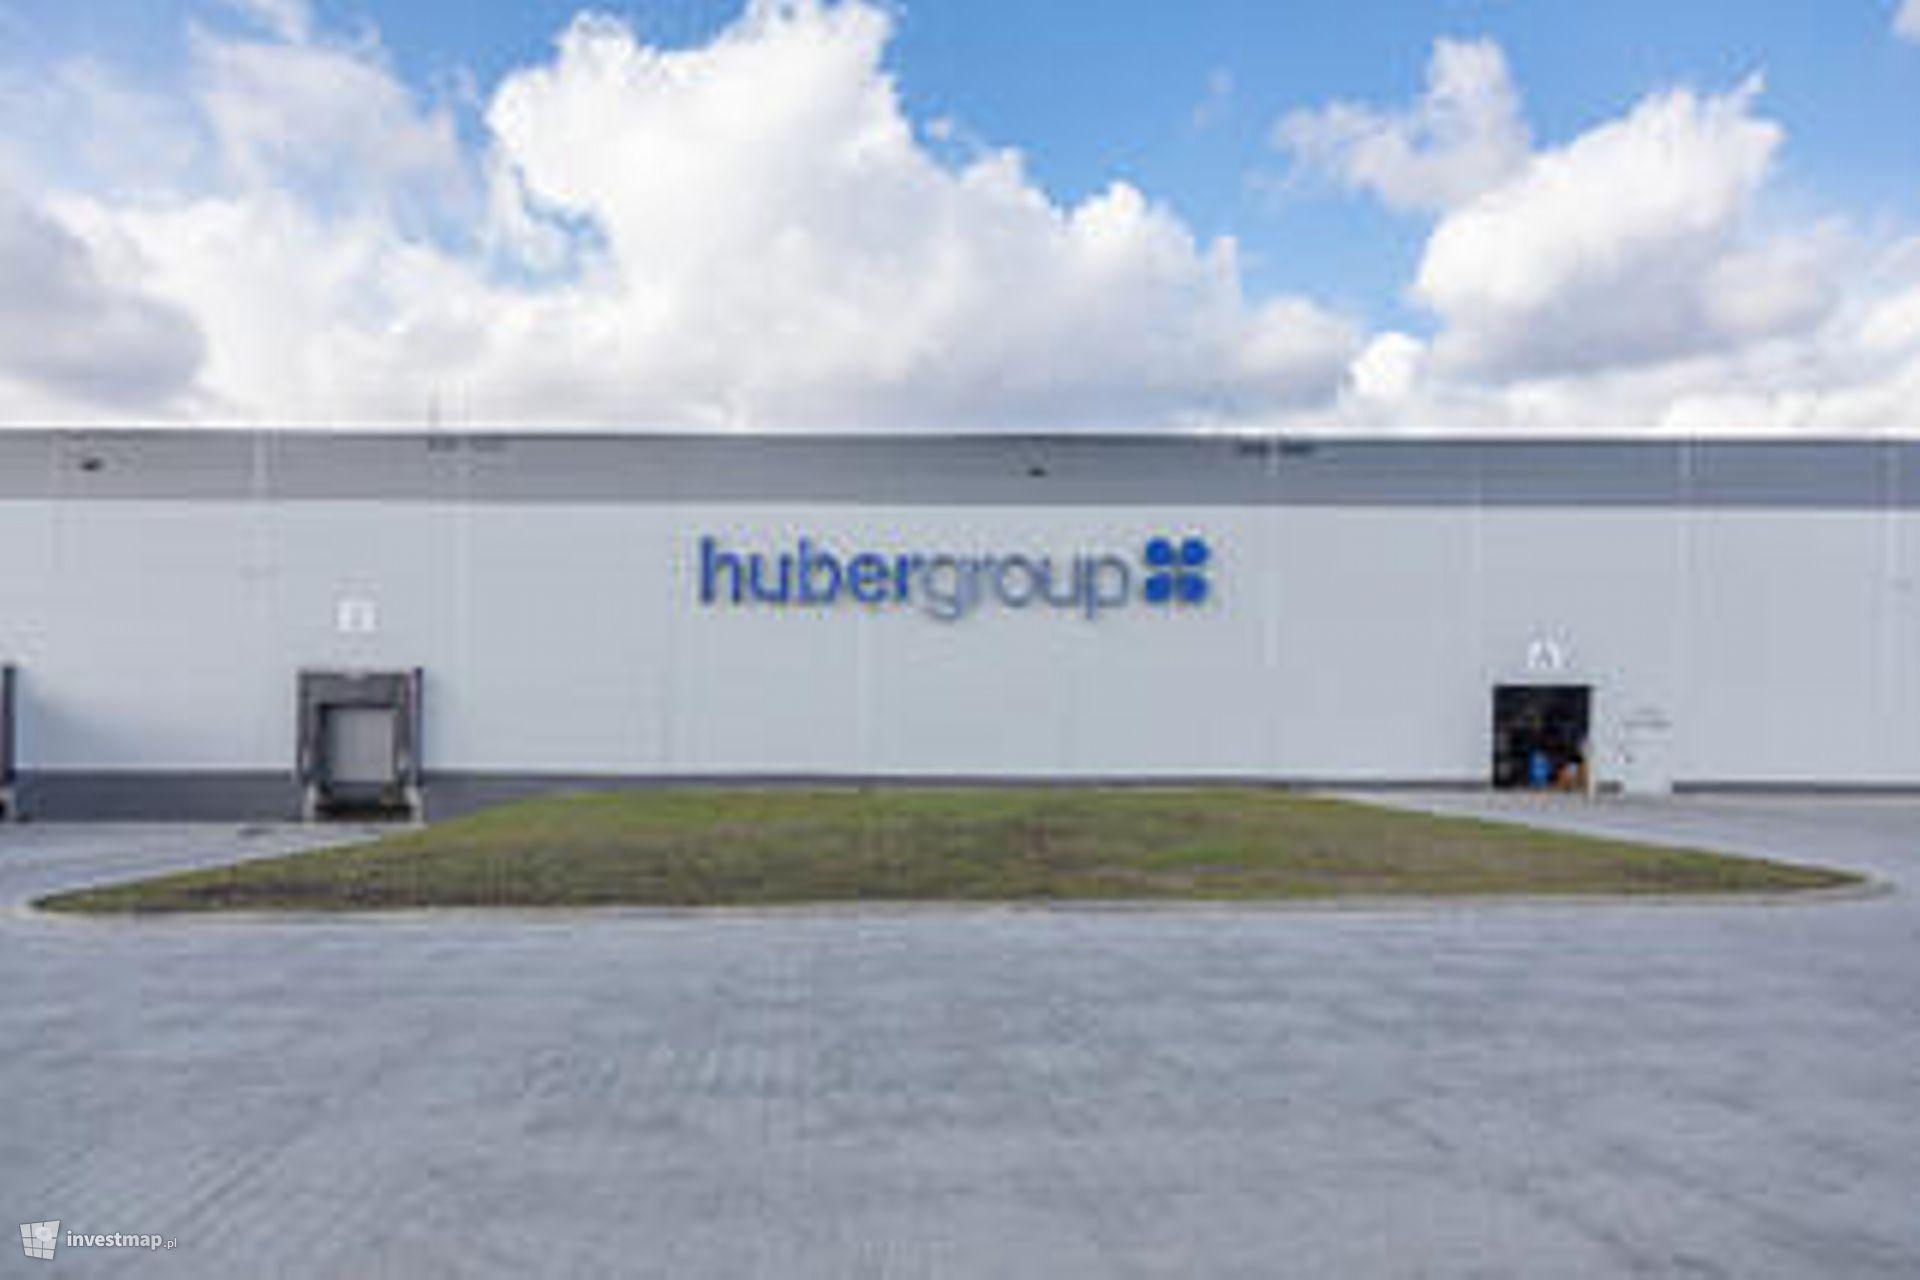 Fabryka hubergroup Polska